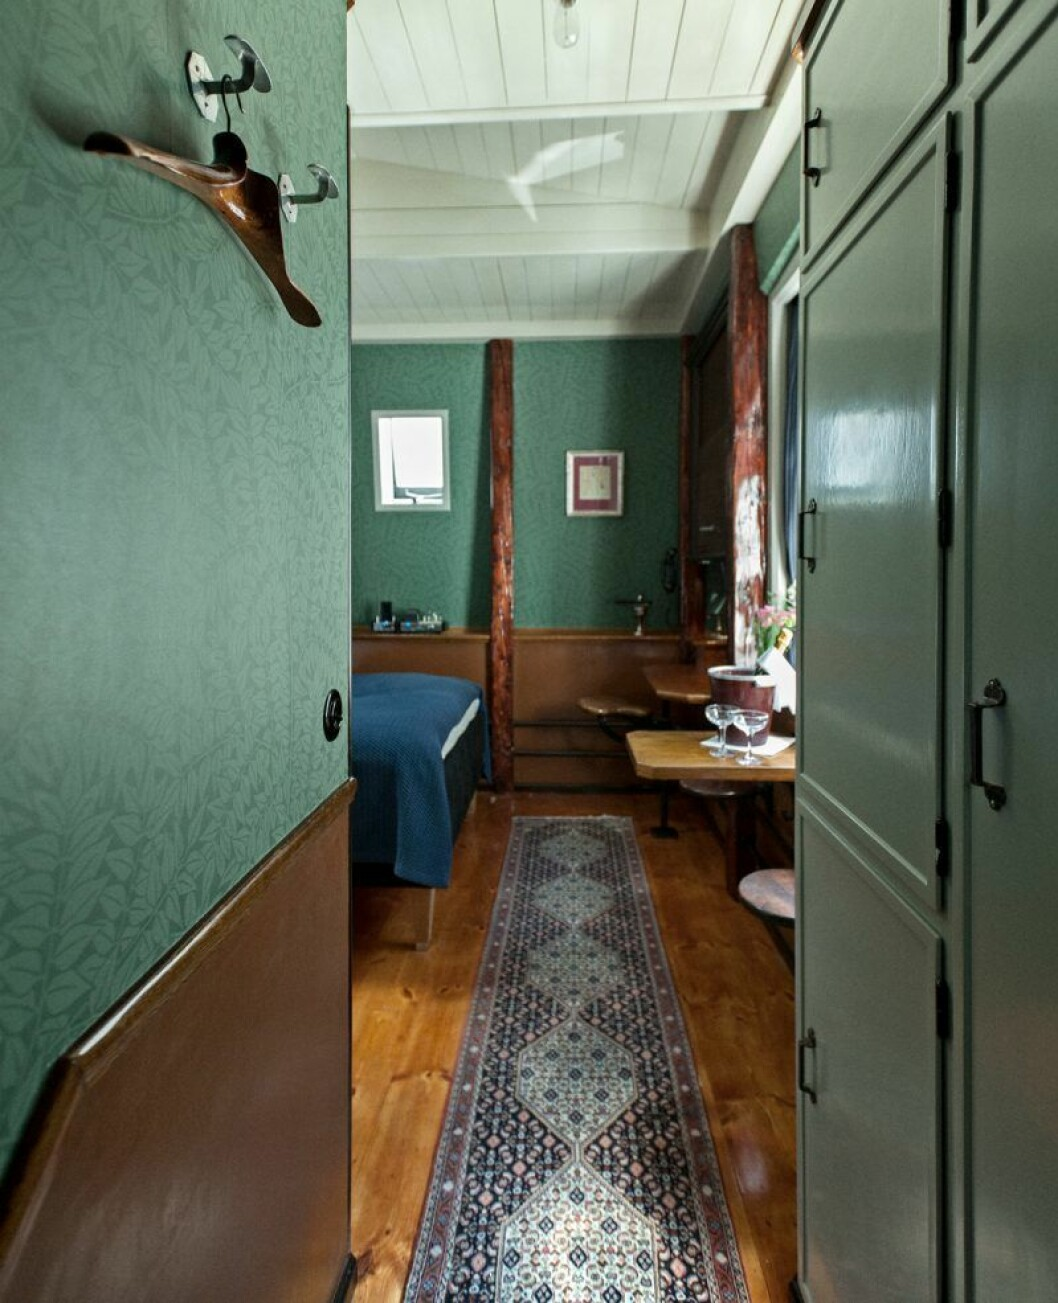 Hotell Central och cafe köpenhamn interior